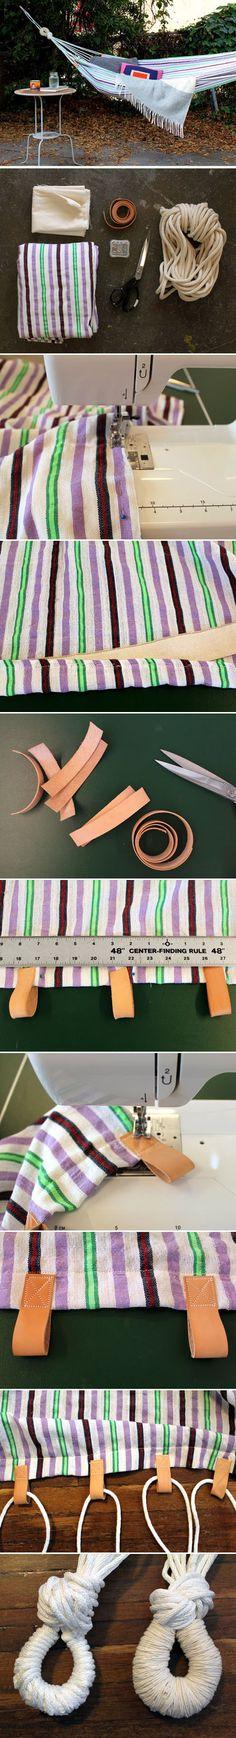 Diy Easy Hammock | DIY & Crafts Tutorials